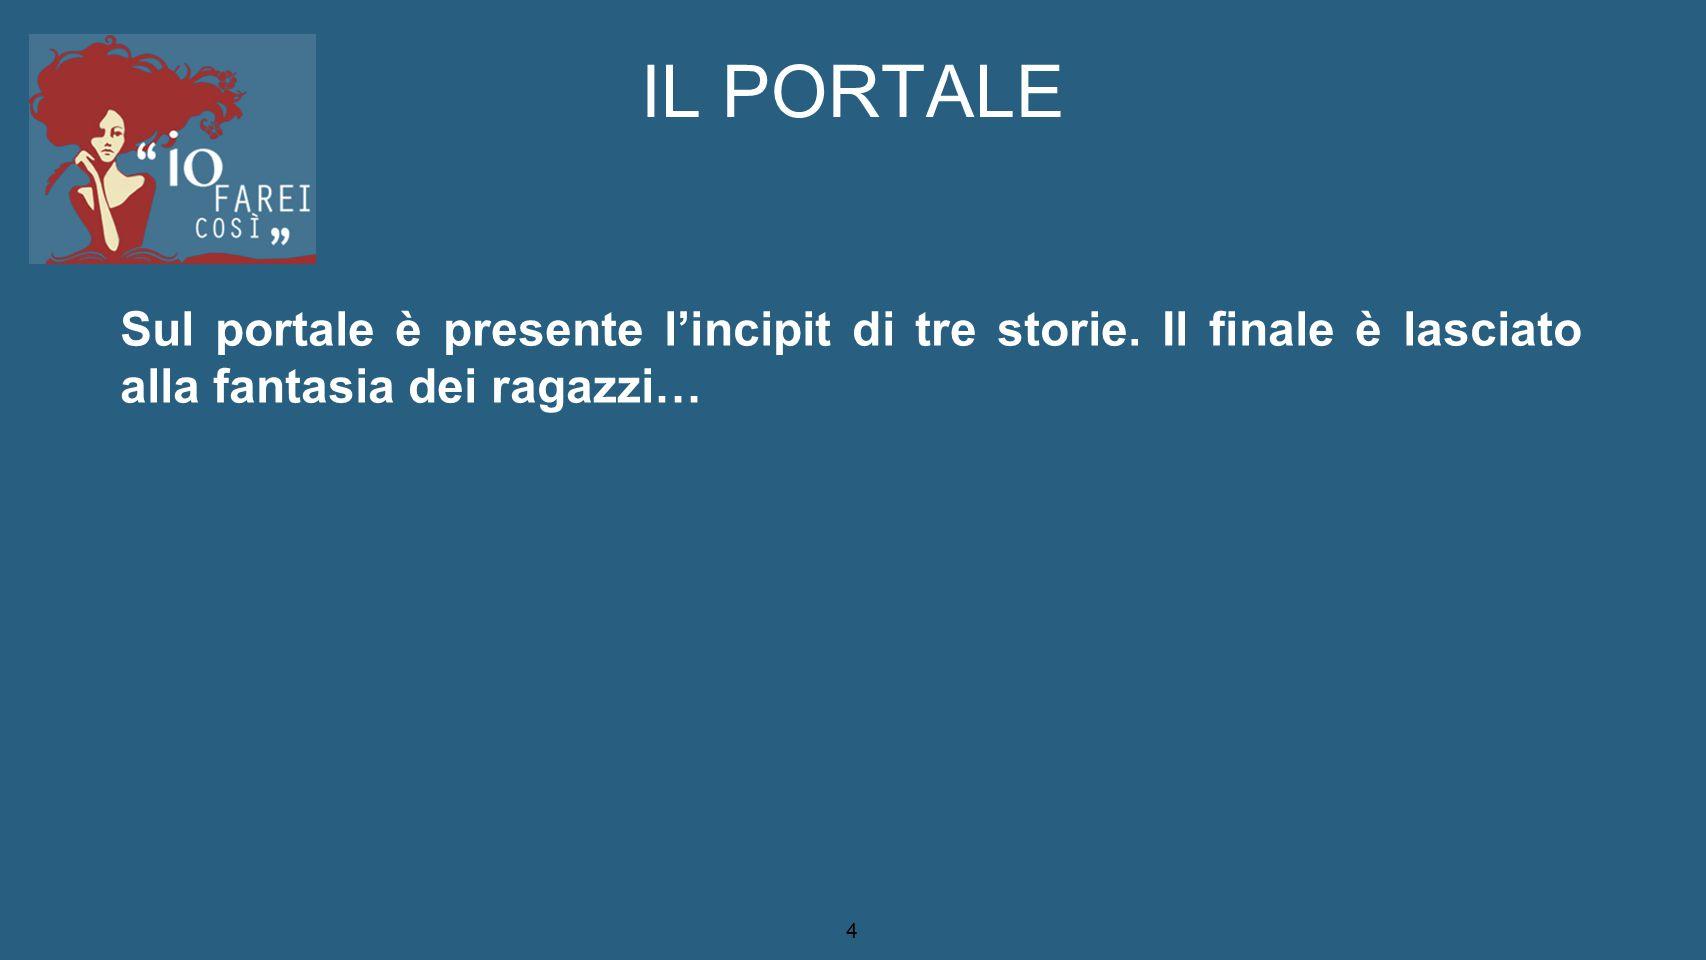 5 LE STORIE / gli argomenti UN'IDEA POSSIBILE BELLI.